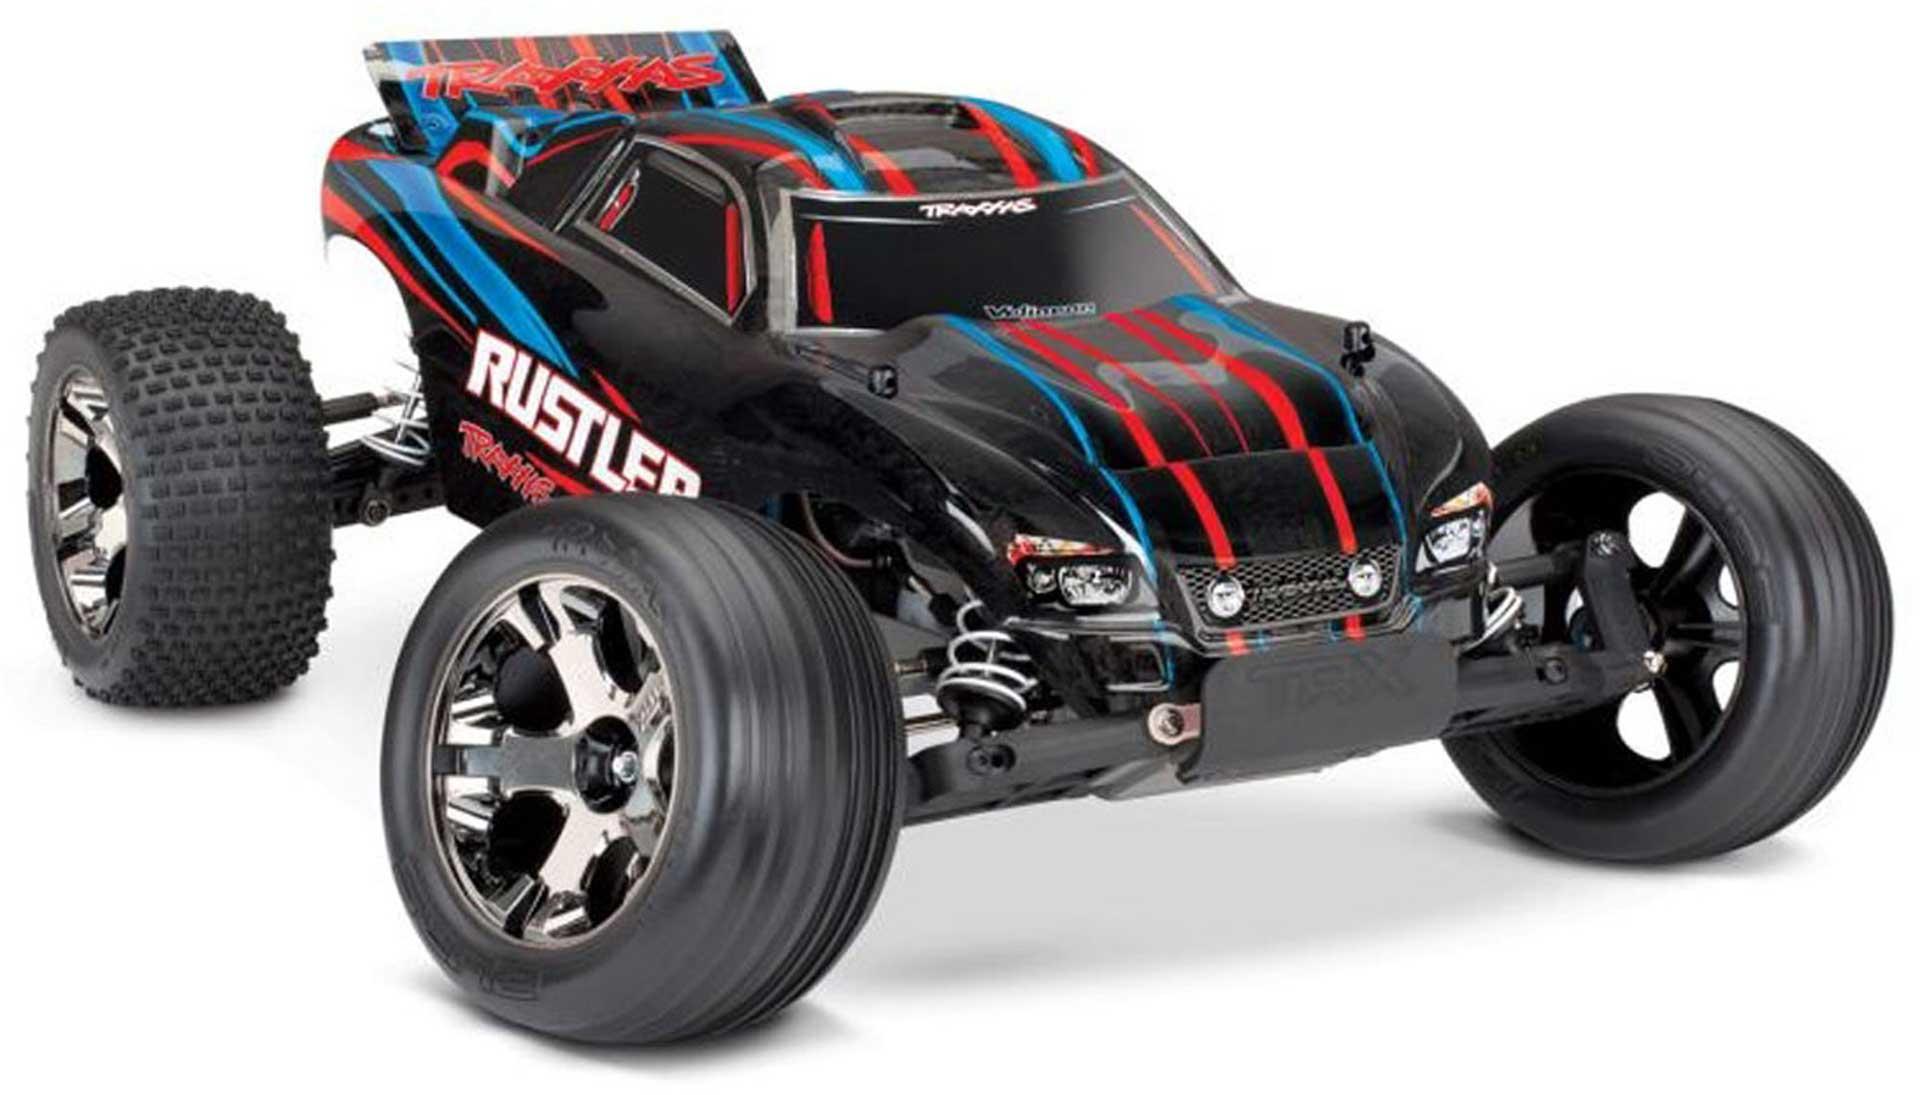 TRAXXAS RUSTLER VXL BL 2.4GHZ ROT BL 1/10 2WD OHNE AKKU/LADER STADIUM TRUCK BRUSHLESS